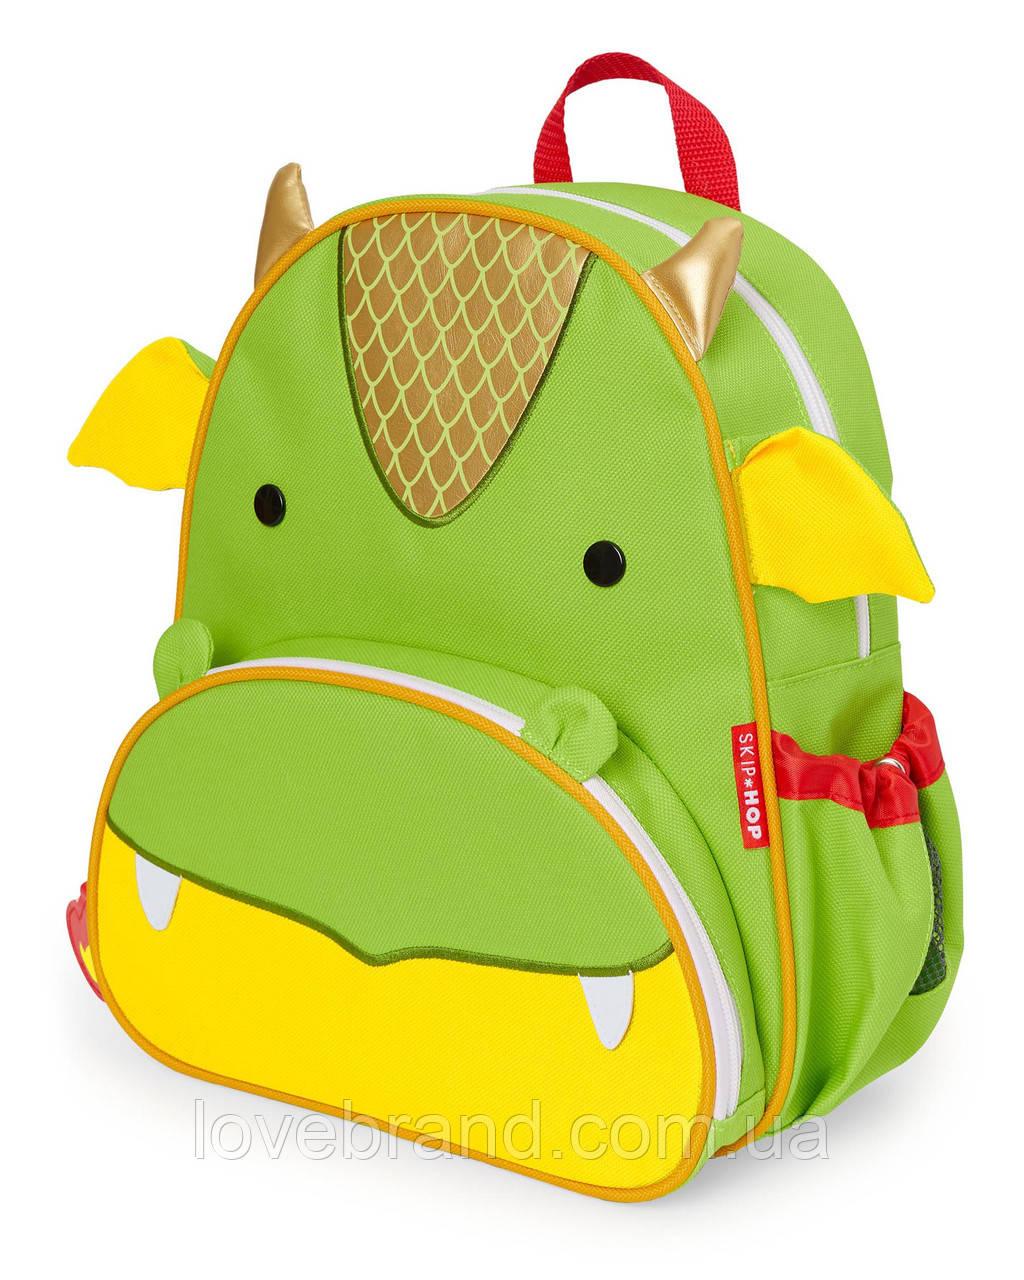 """Детский рюкзак SkipHop """"Дракон"""", рюкзачок для мальчика от 3-х лет Скип Хоп"""